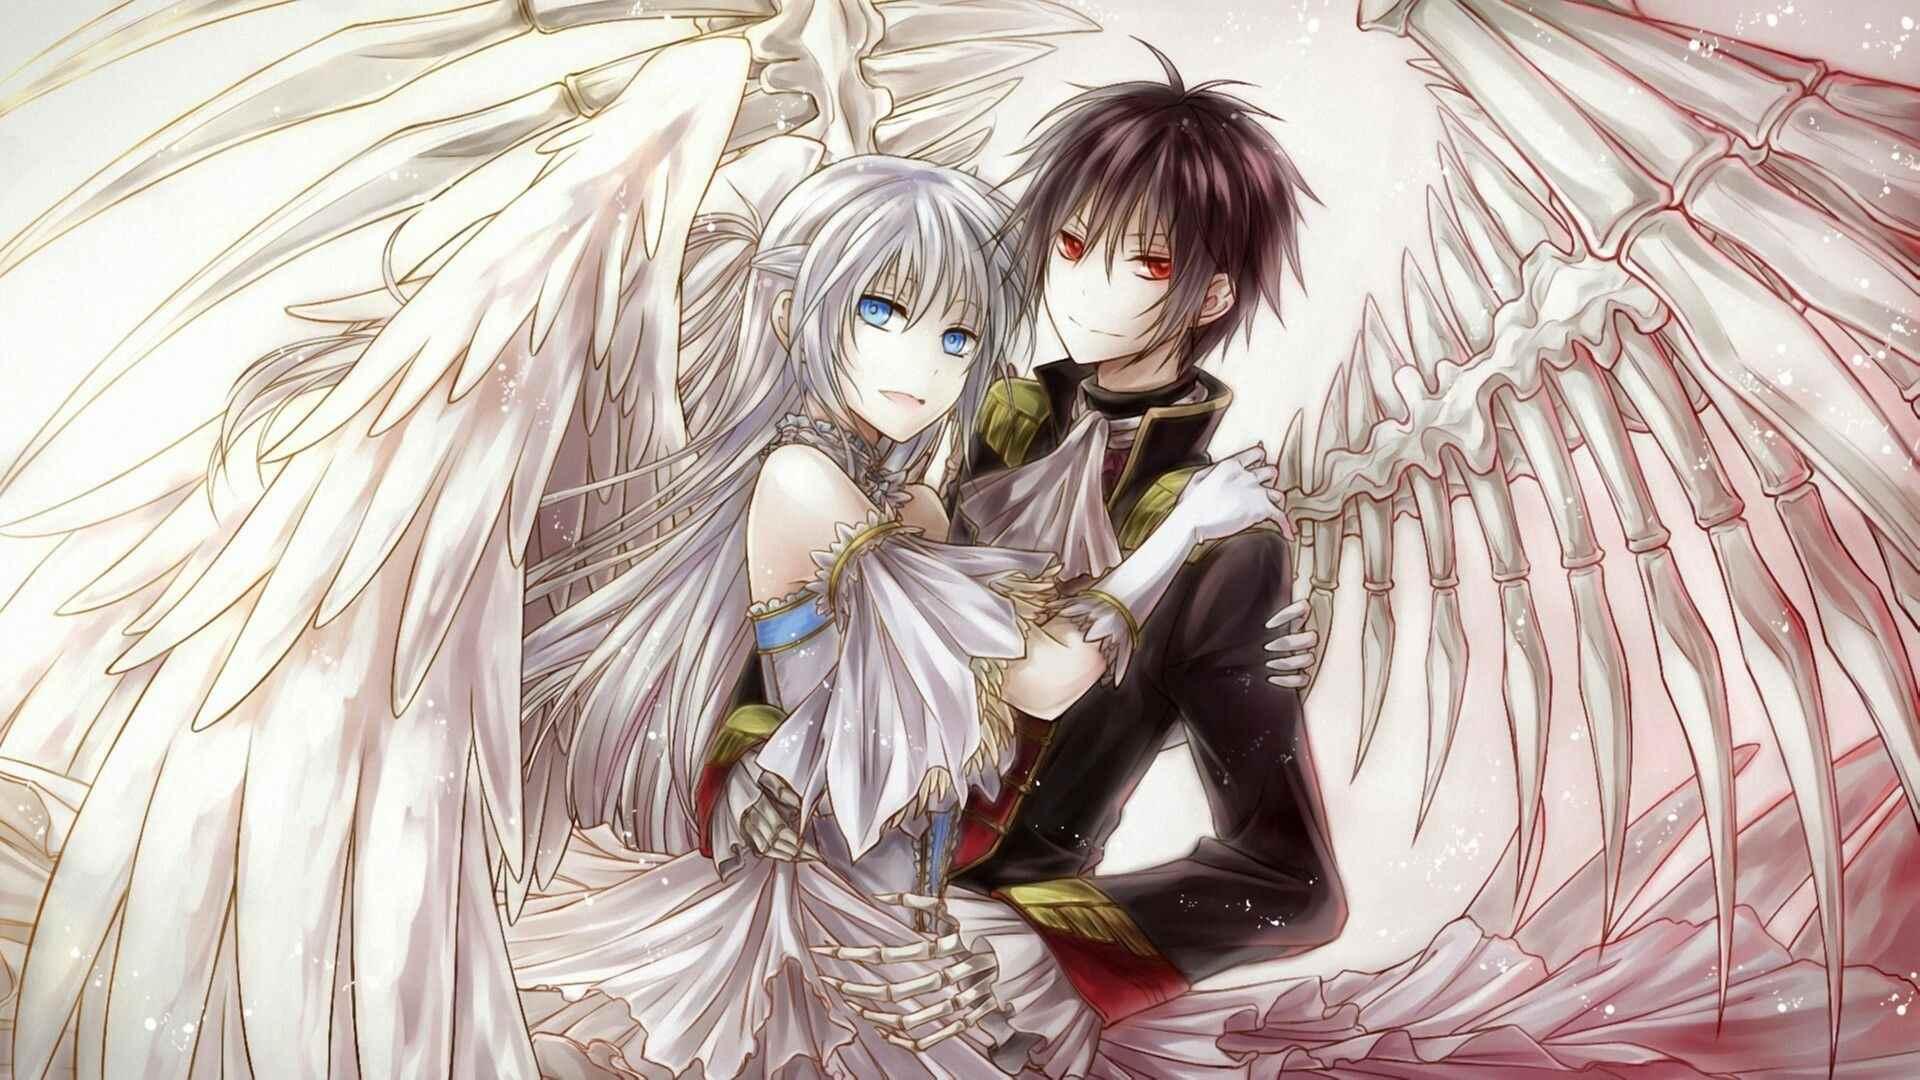 Красивые картинки аниме про демонов и любовь 01